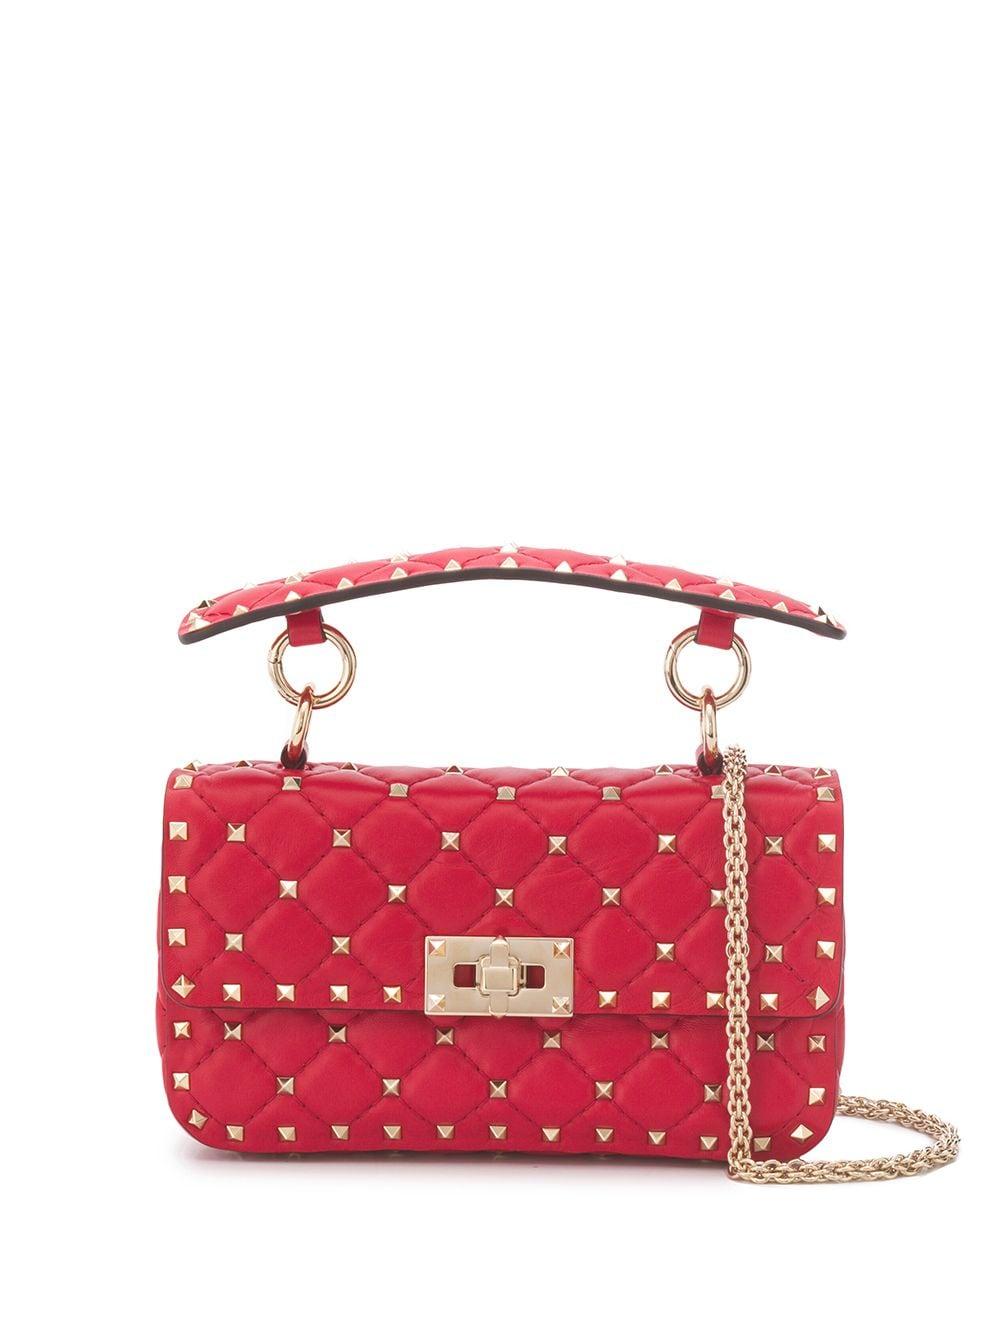 Rockstud Spike Small Leather Shoulder Bag